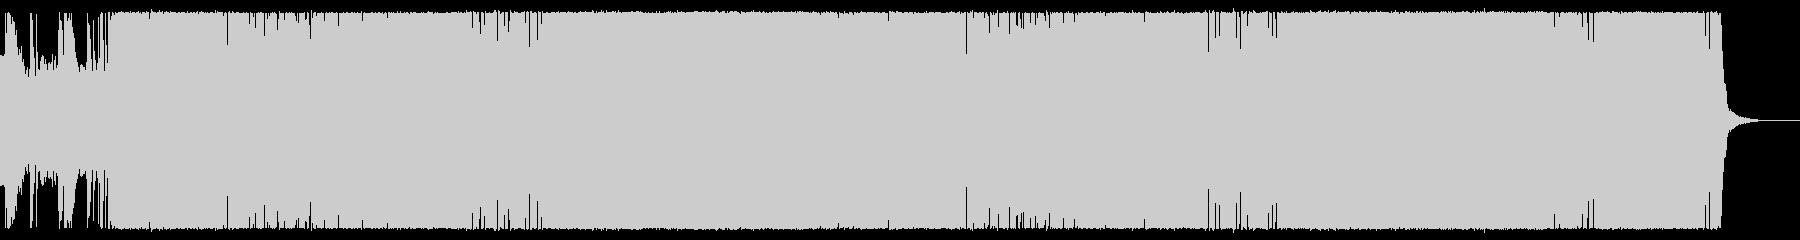 シャッフルリフが印象的なハードロックの未再生の波形